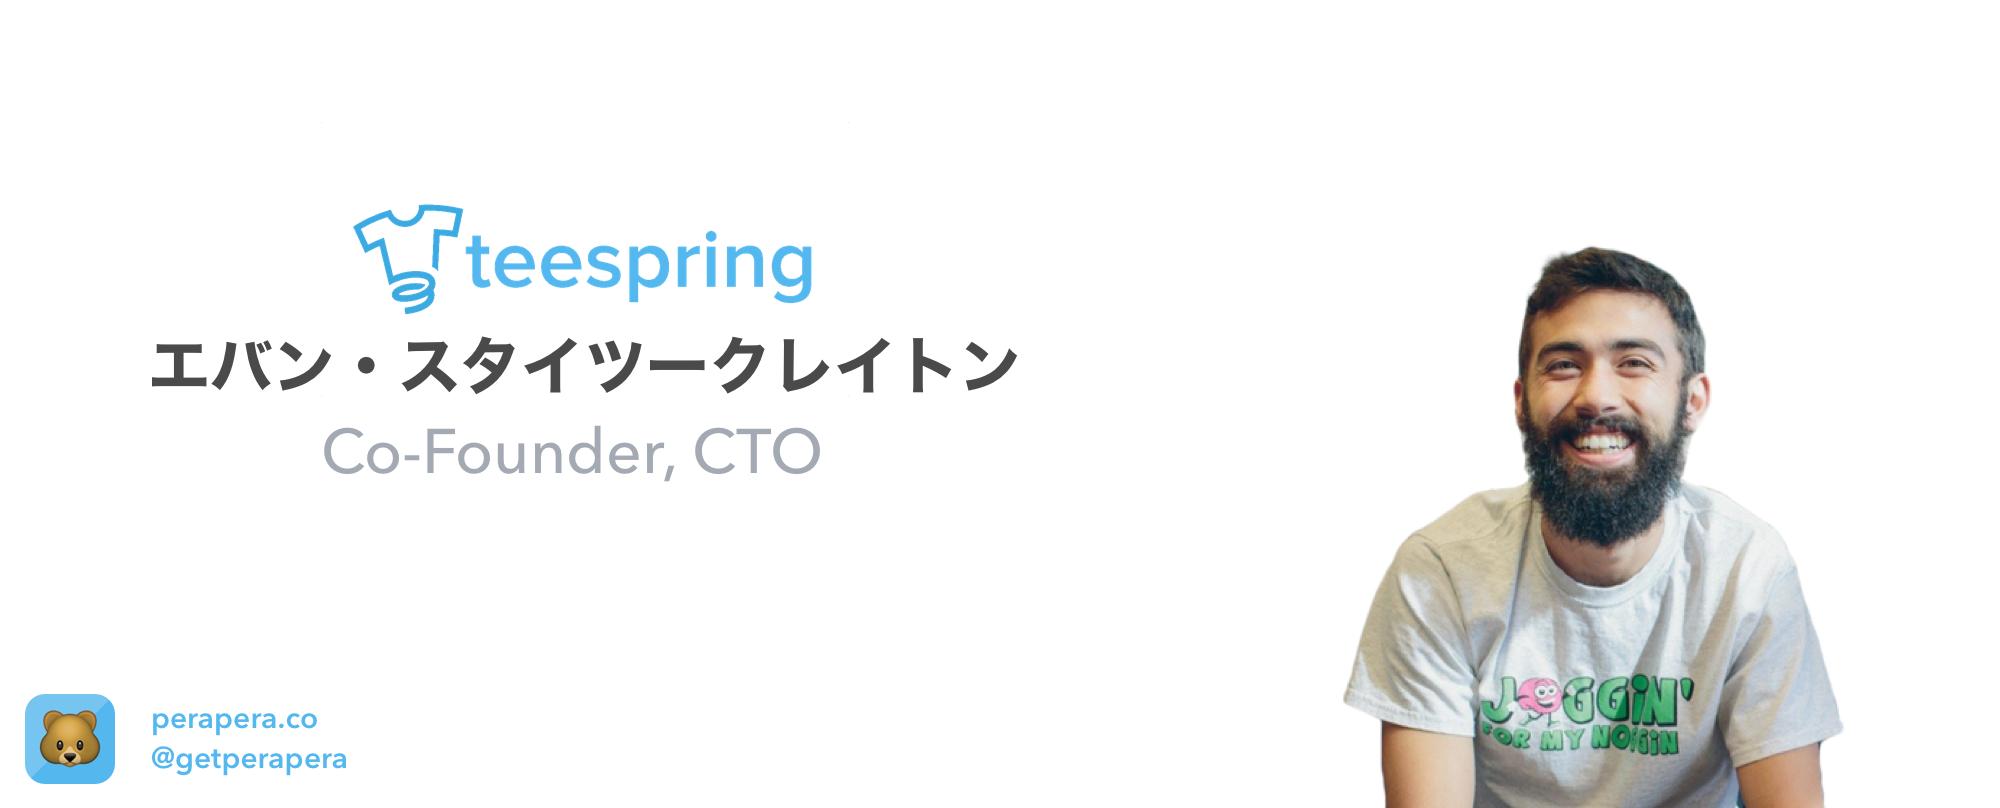 Y Combinator卒業「Teespring」共同創業者ロングインタビュー 採用から顧客維持、VCとのつきあい方やプライベートまで